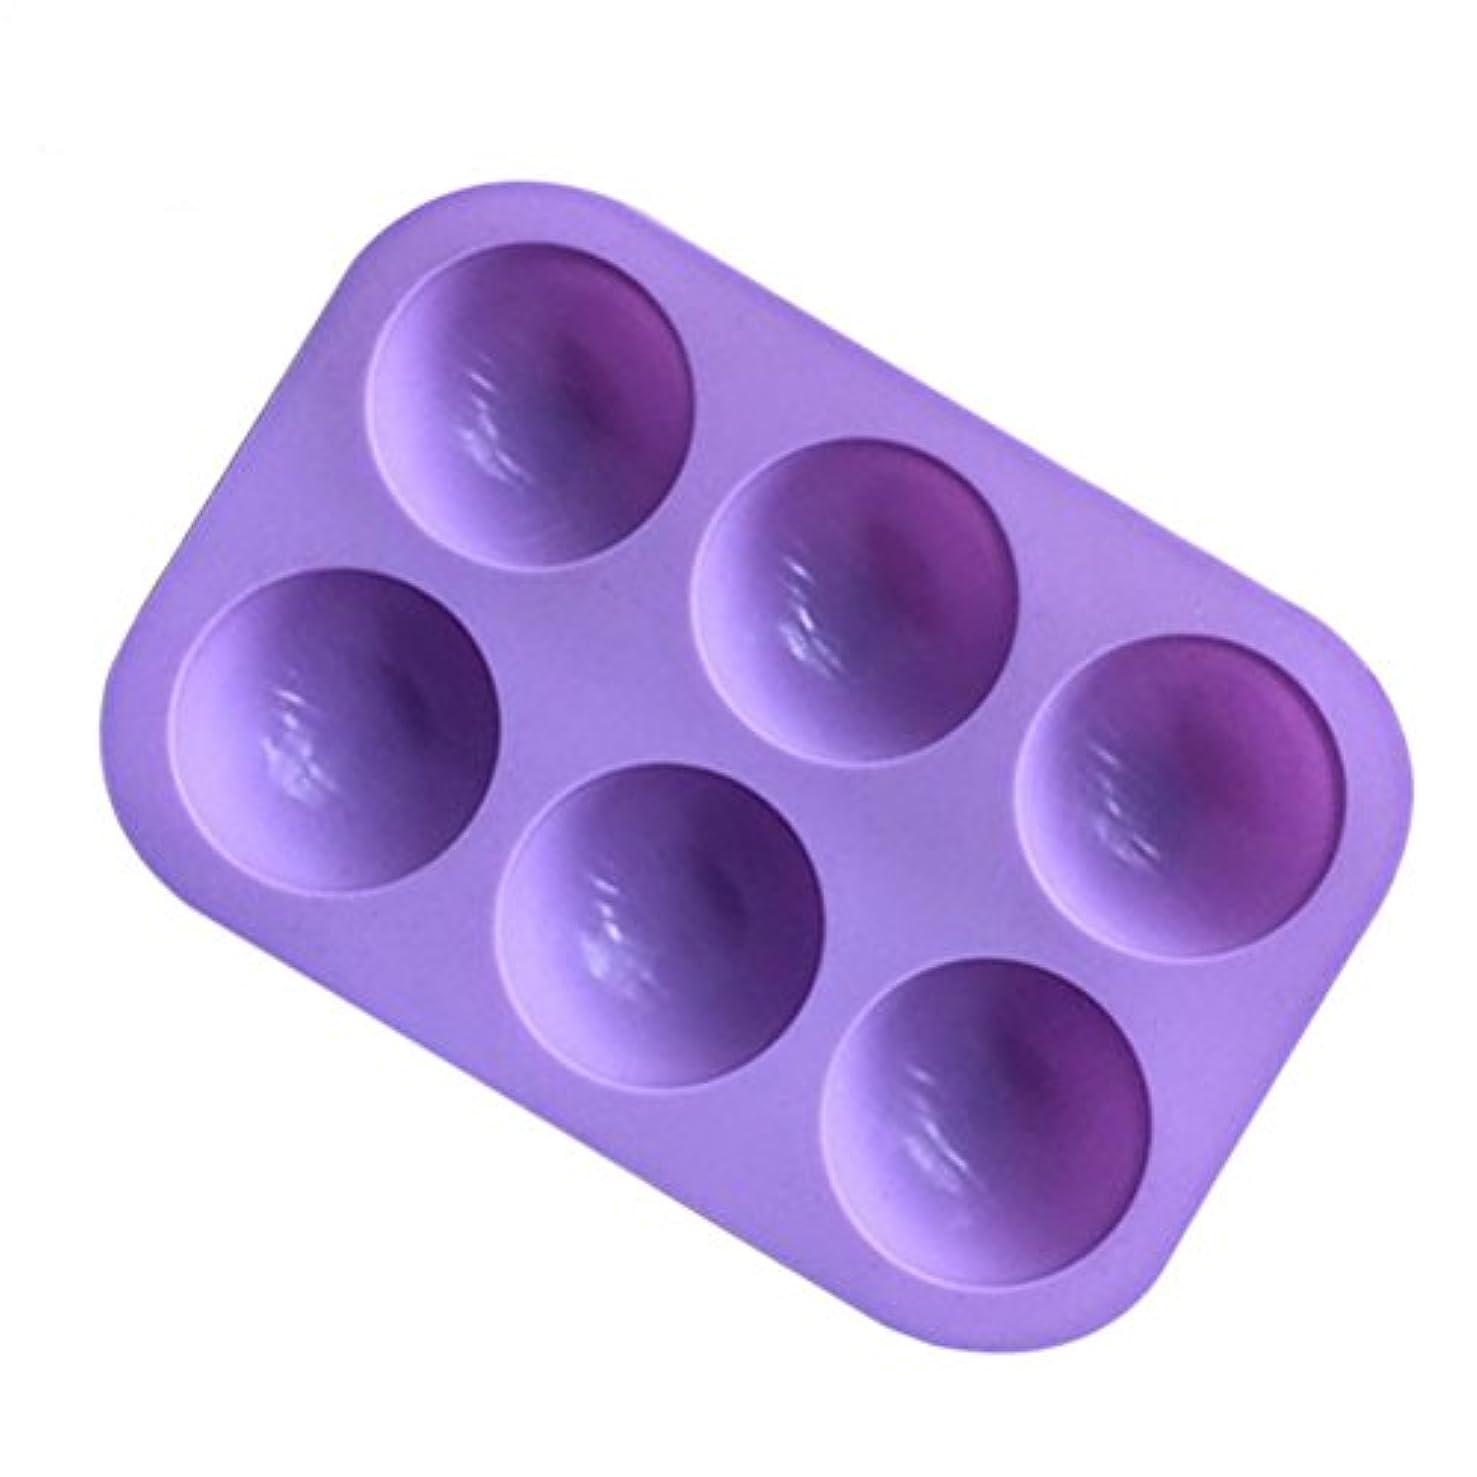 ホップ解釈にんじんBESTONZON シリコンソープモールド半円マフィンパンカップケーキキャンディモールドケーキチョコレートモールドベーキングモールド6個のキャビティ(紫色)